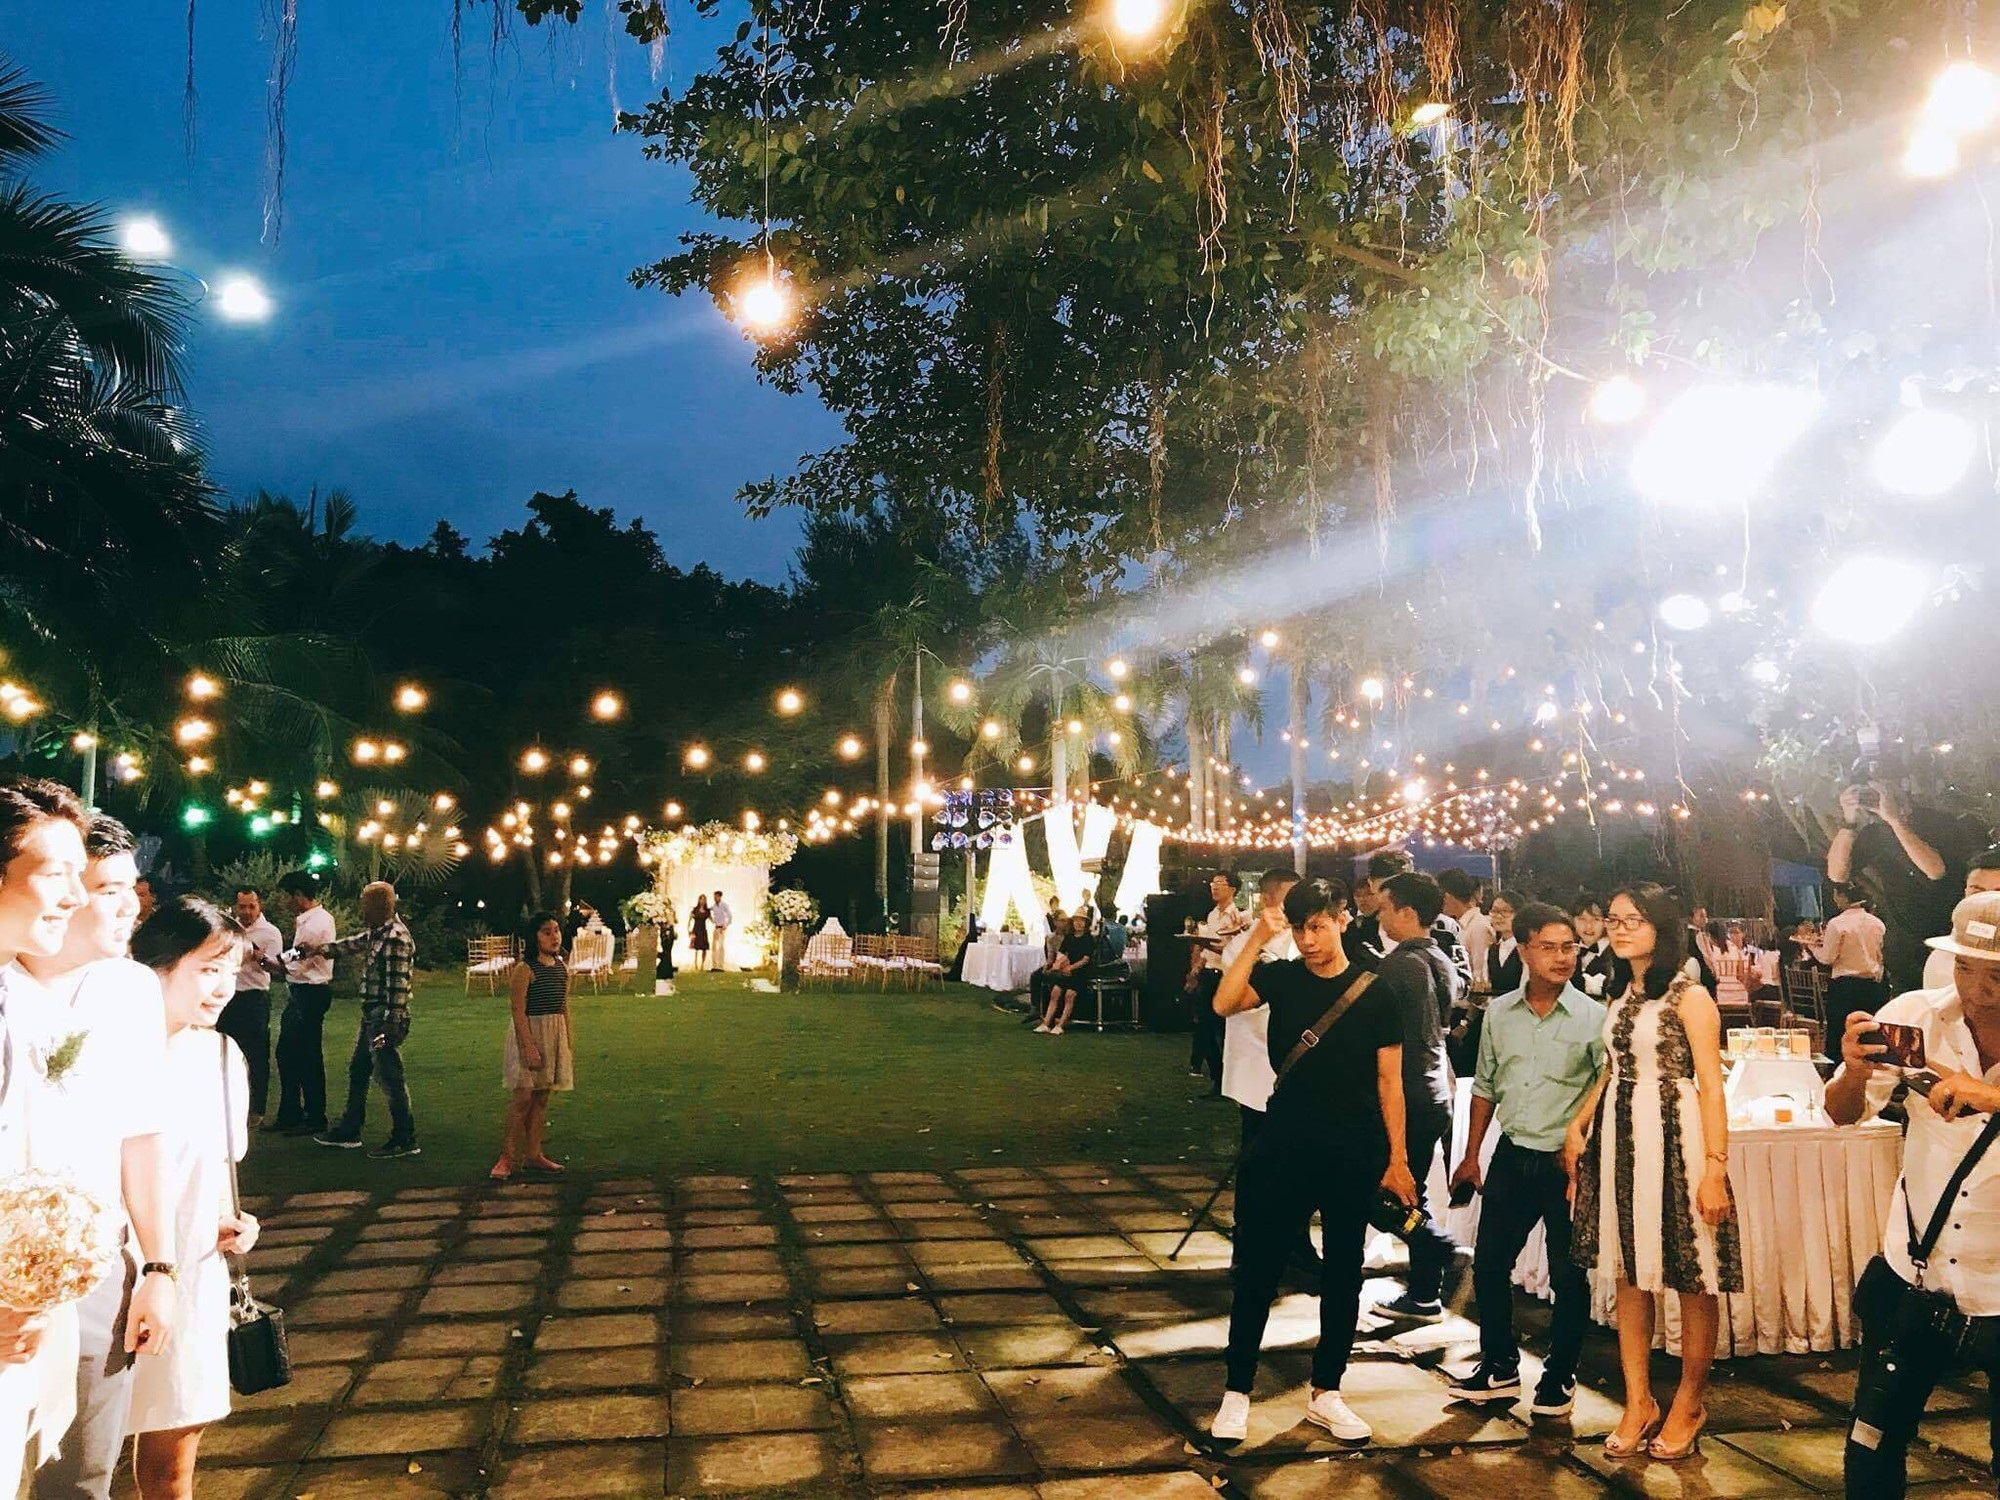 Cập nhật: Vợ chồng Kelvin Khánh - Khởi My diện trang phục giản dị, quậy tưng bừng trong tiệc cưới - Ảnh 19